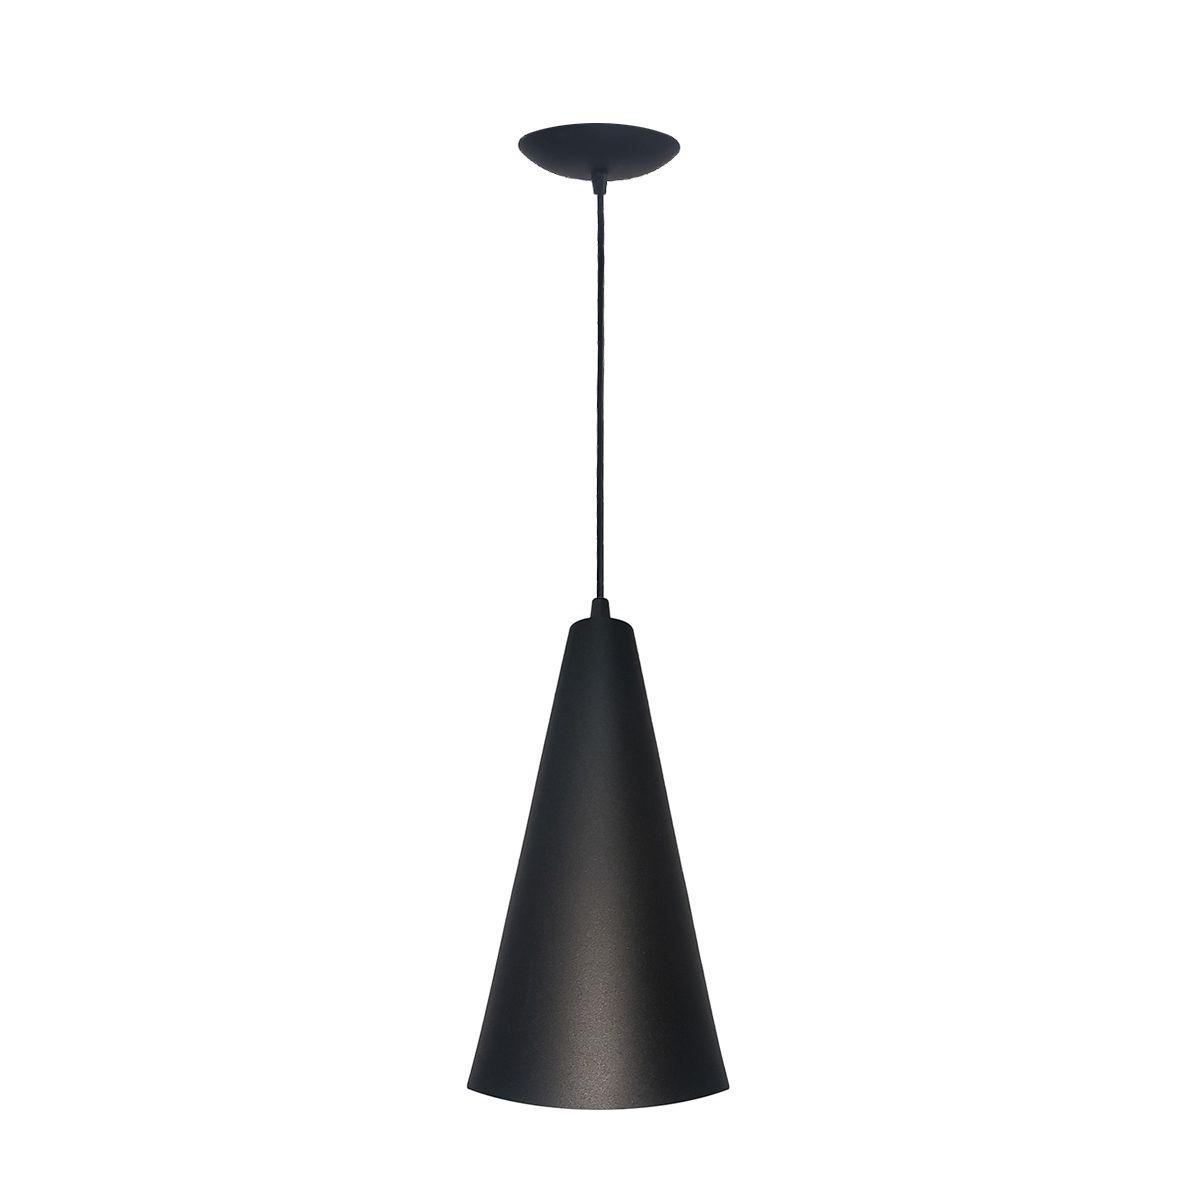 Luminária Decorativa Cônico Mini Preto/Cobre com Pendente